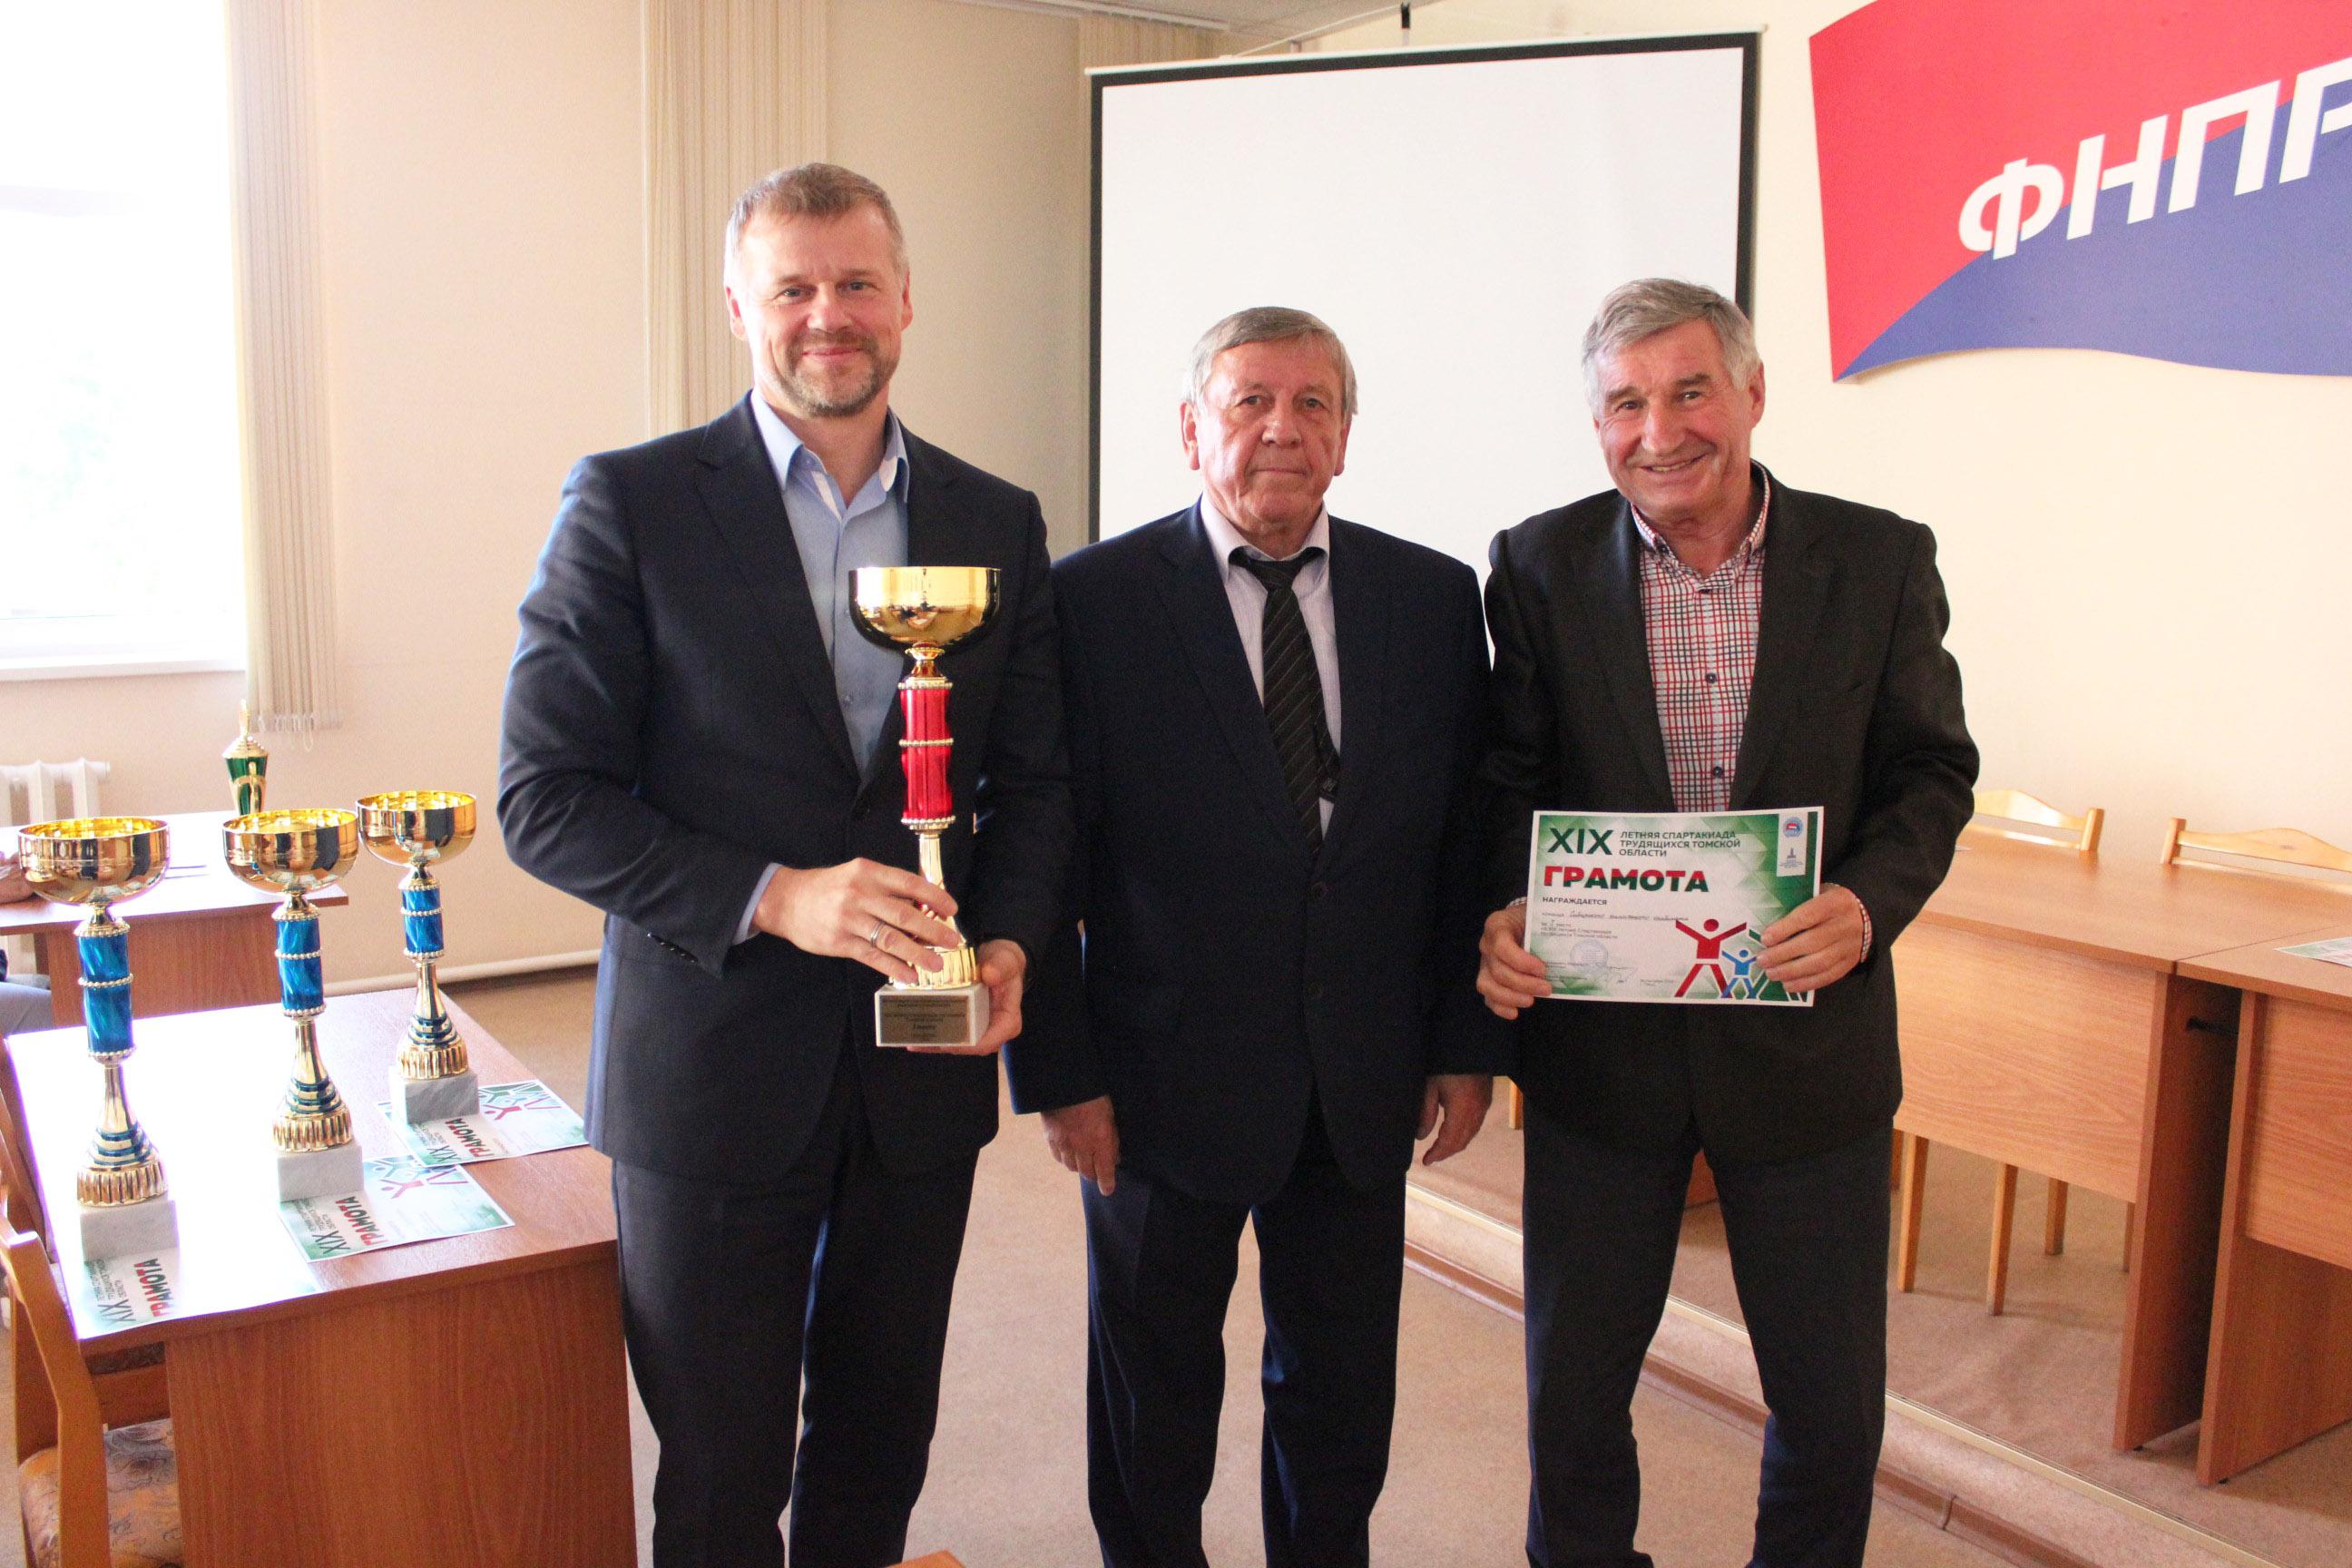 Команда СХК стала победителем XIX летней спартакиады трудящихся Томской области